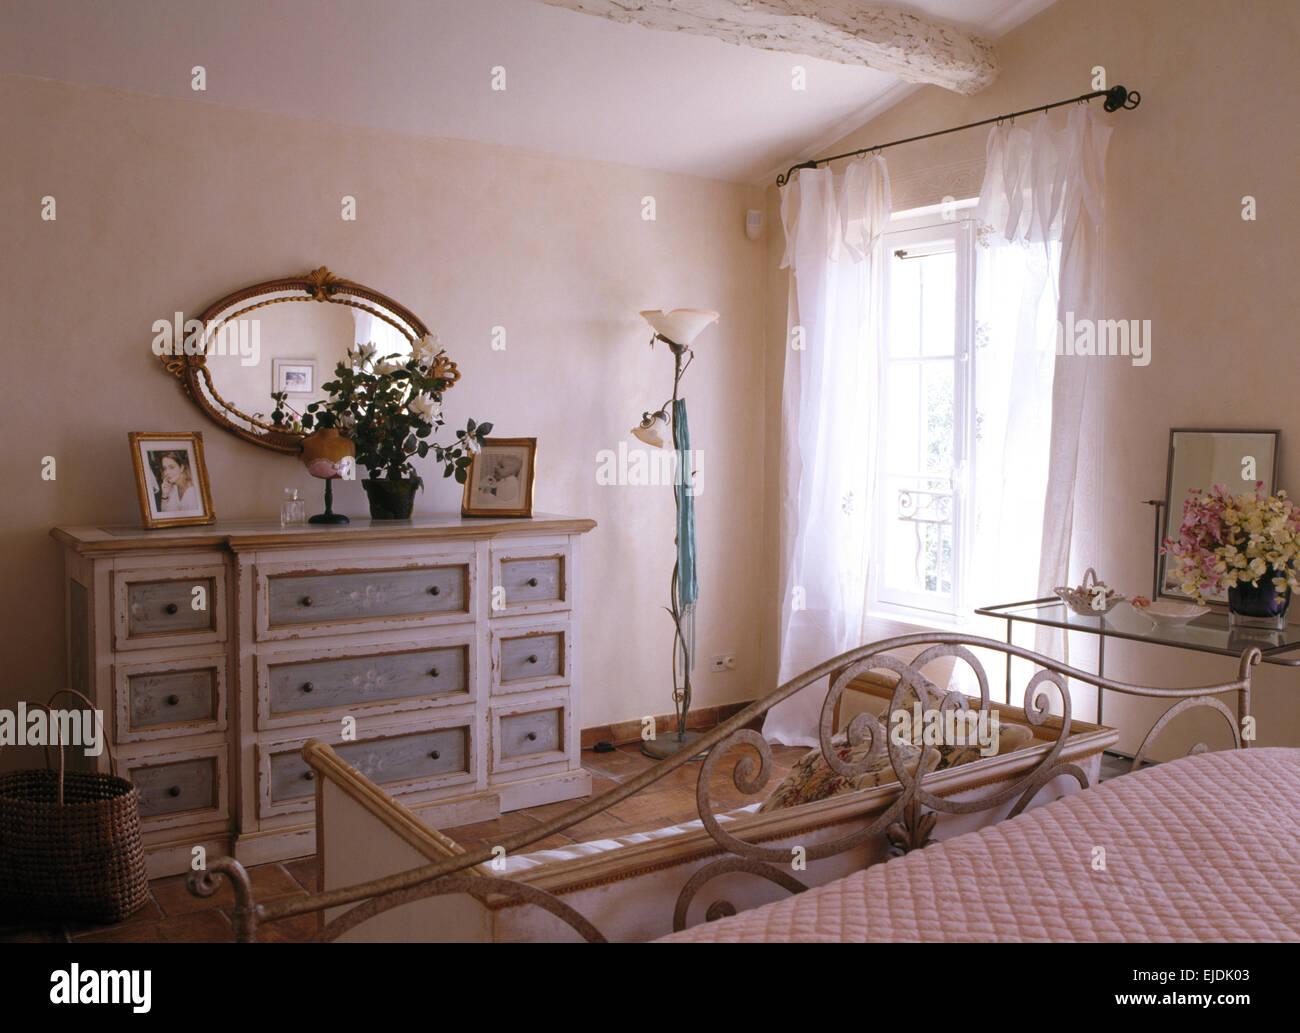 Ovale Spiegel über bemalte Kommode in französischer Landhaus ...